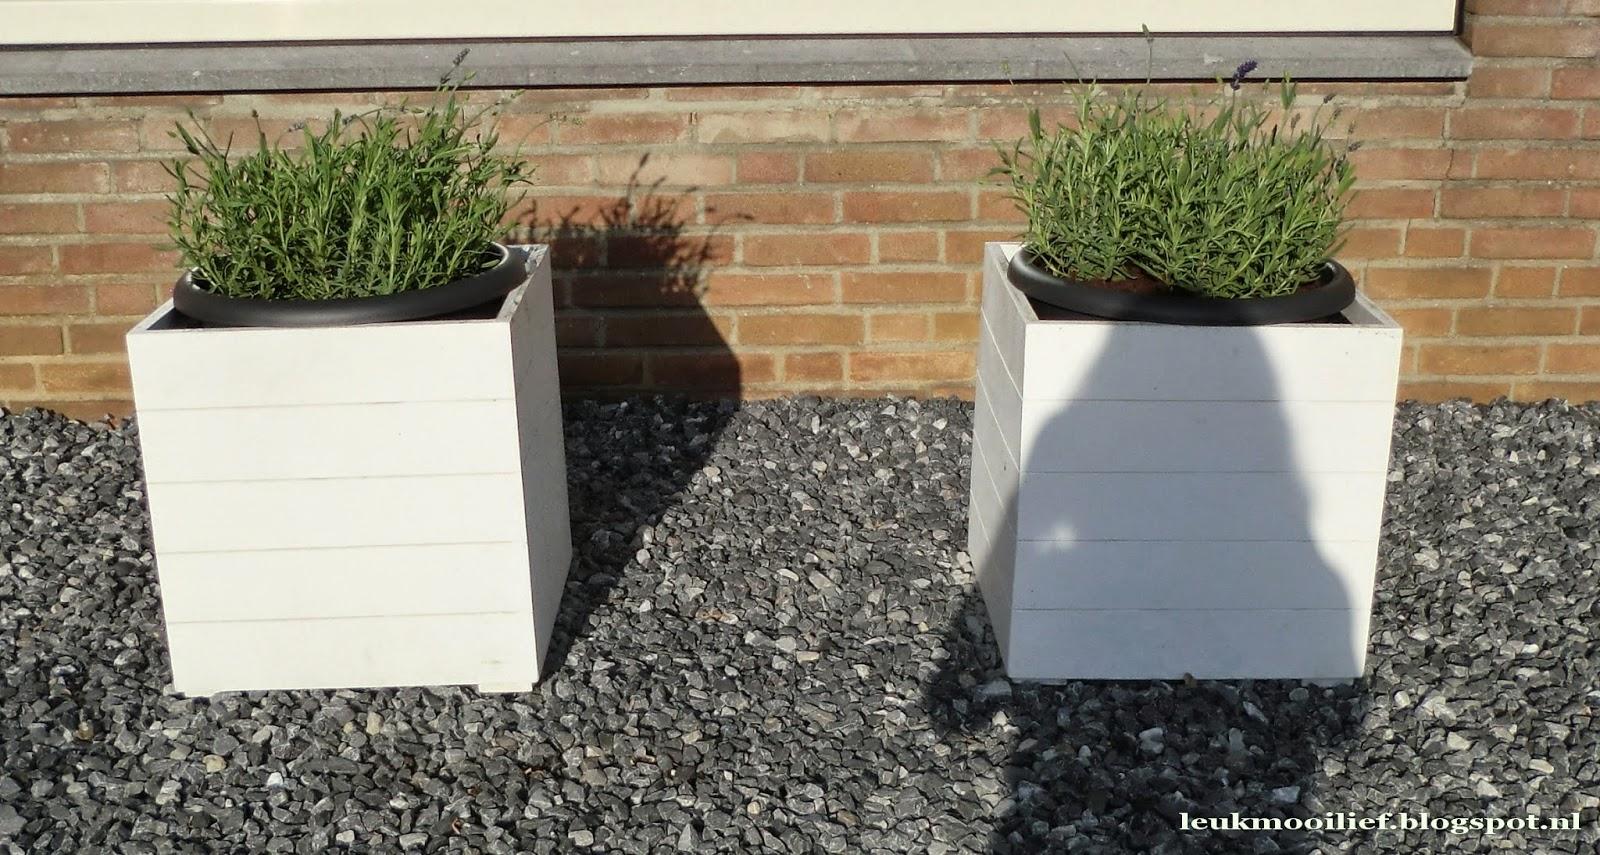 Verrijdbare Plantenbakken Voor Buiten.Goedkope Plantenbakken Buiten Rvs Bloembak Op Maat Bestellen